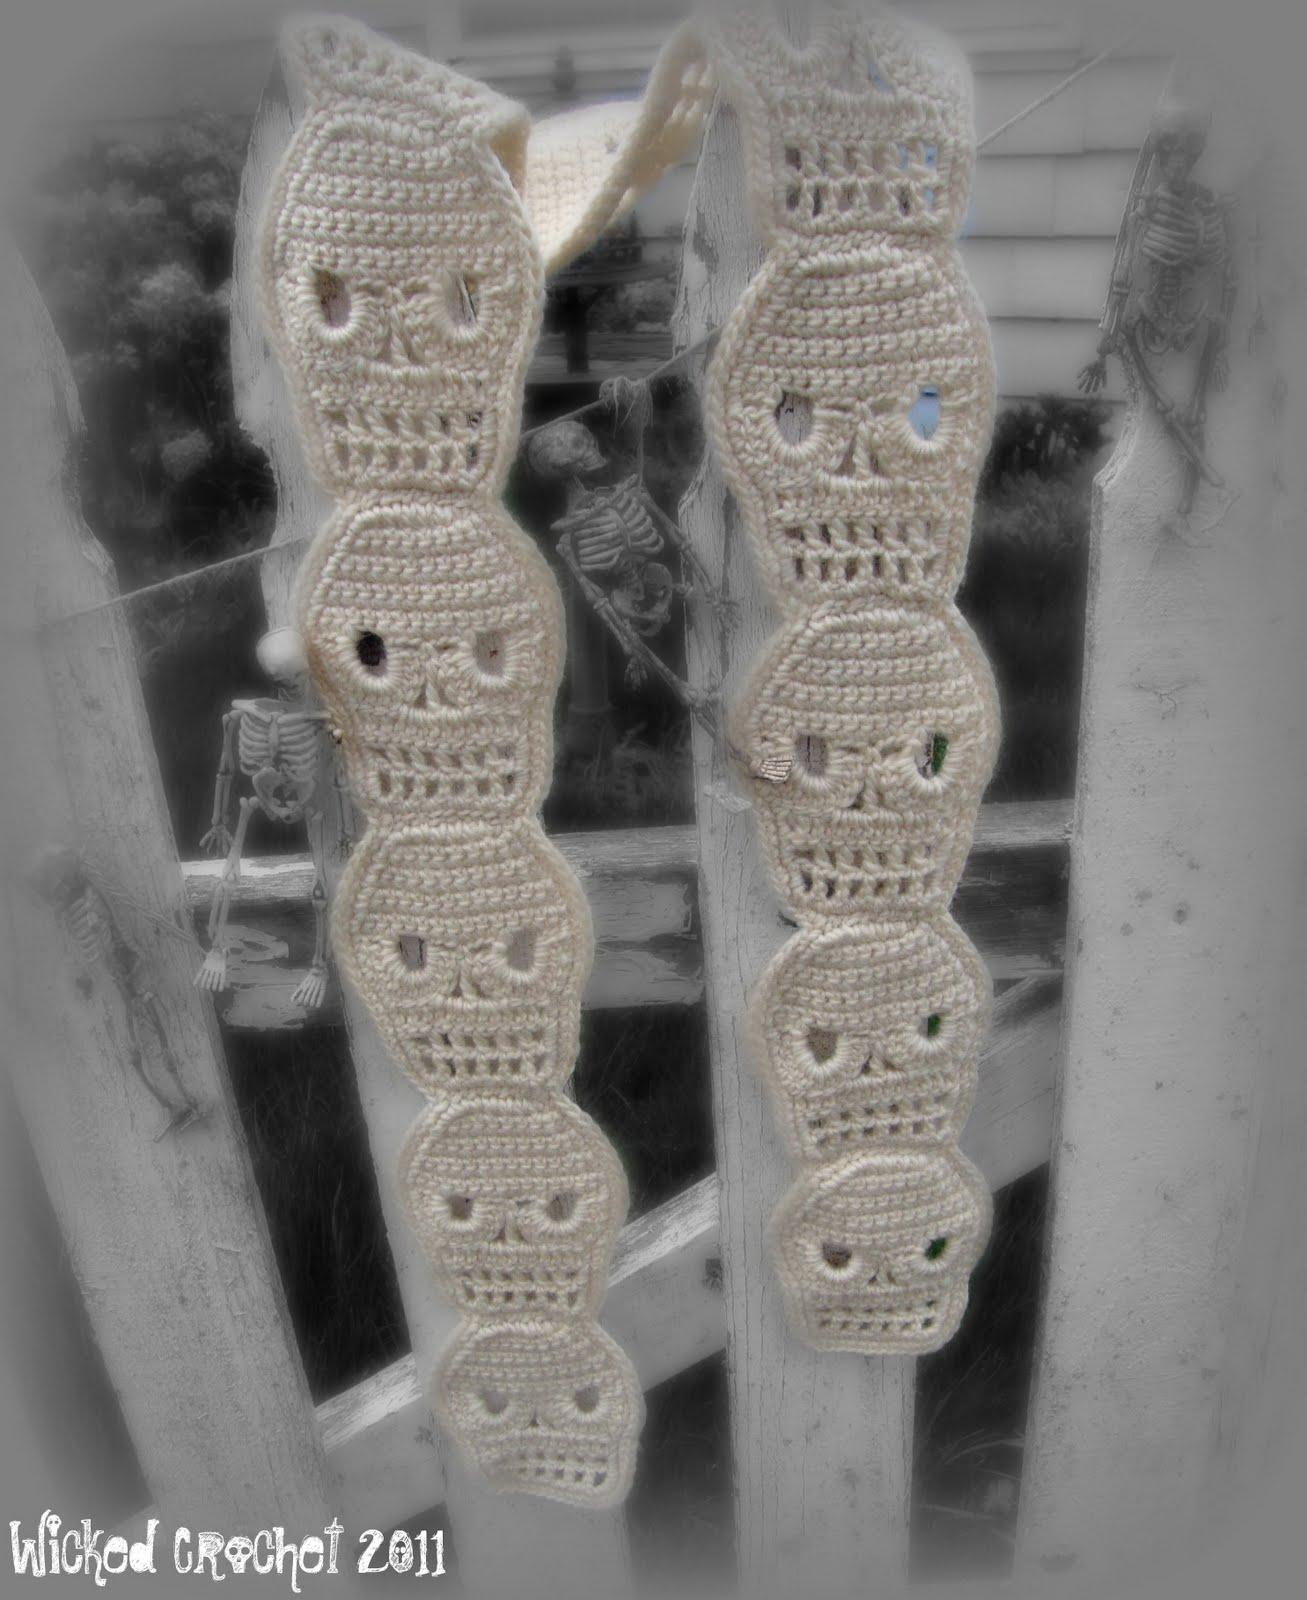 Crochet Pattern Skull Scarf : Wicked Crochet: Cute Crochet Skull Scarf Pattern